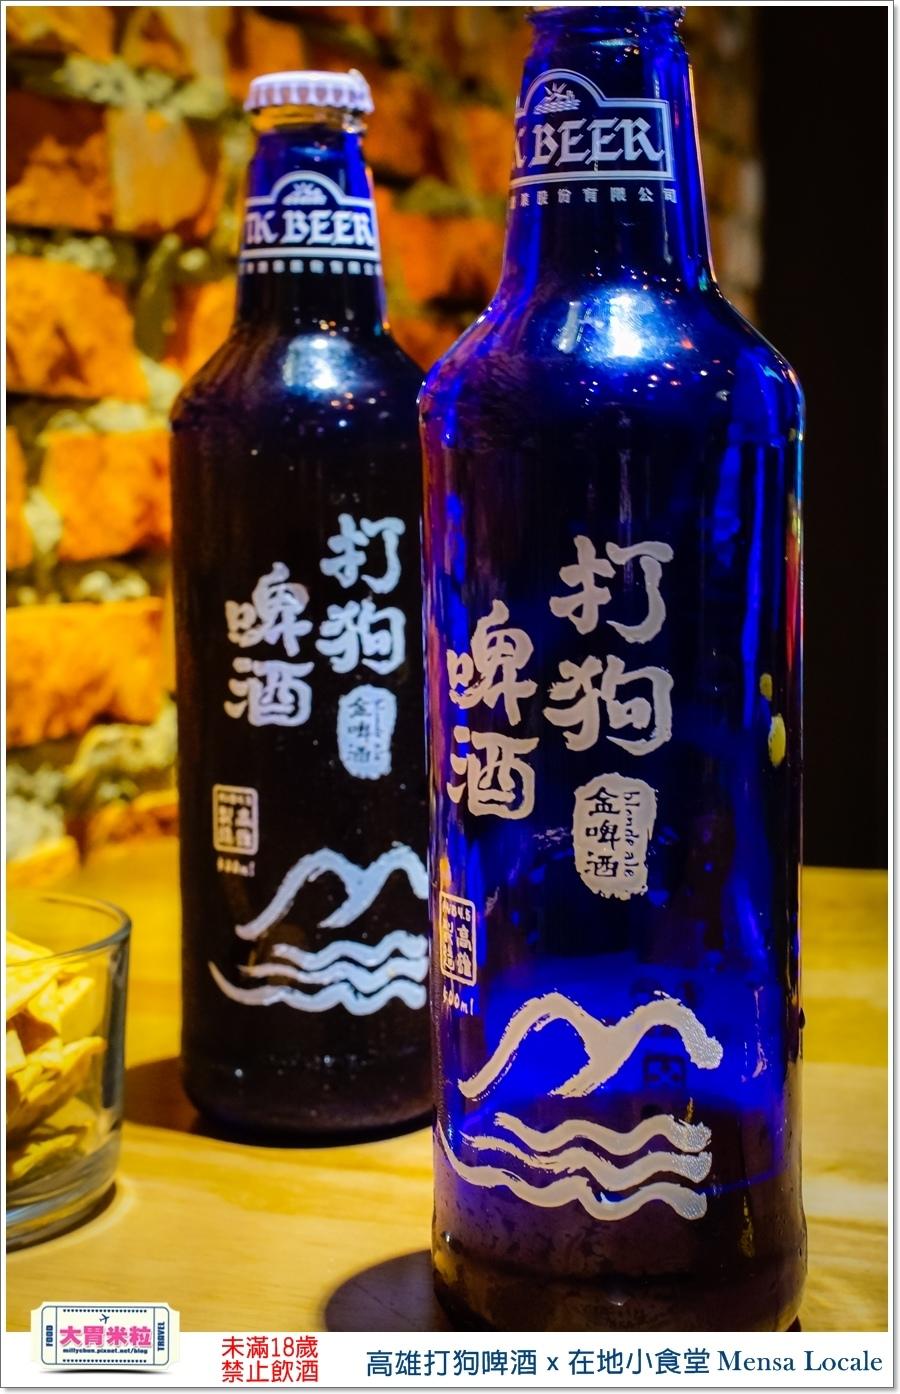 高雄打狗啤酒x在地小食堂Mensa Locale@大胃米粒00052.jpg